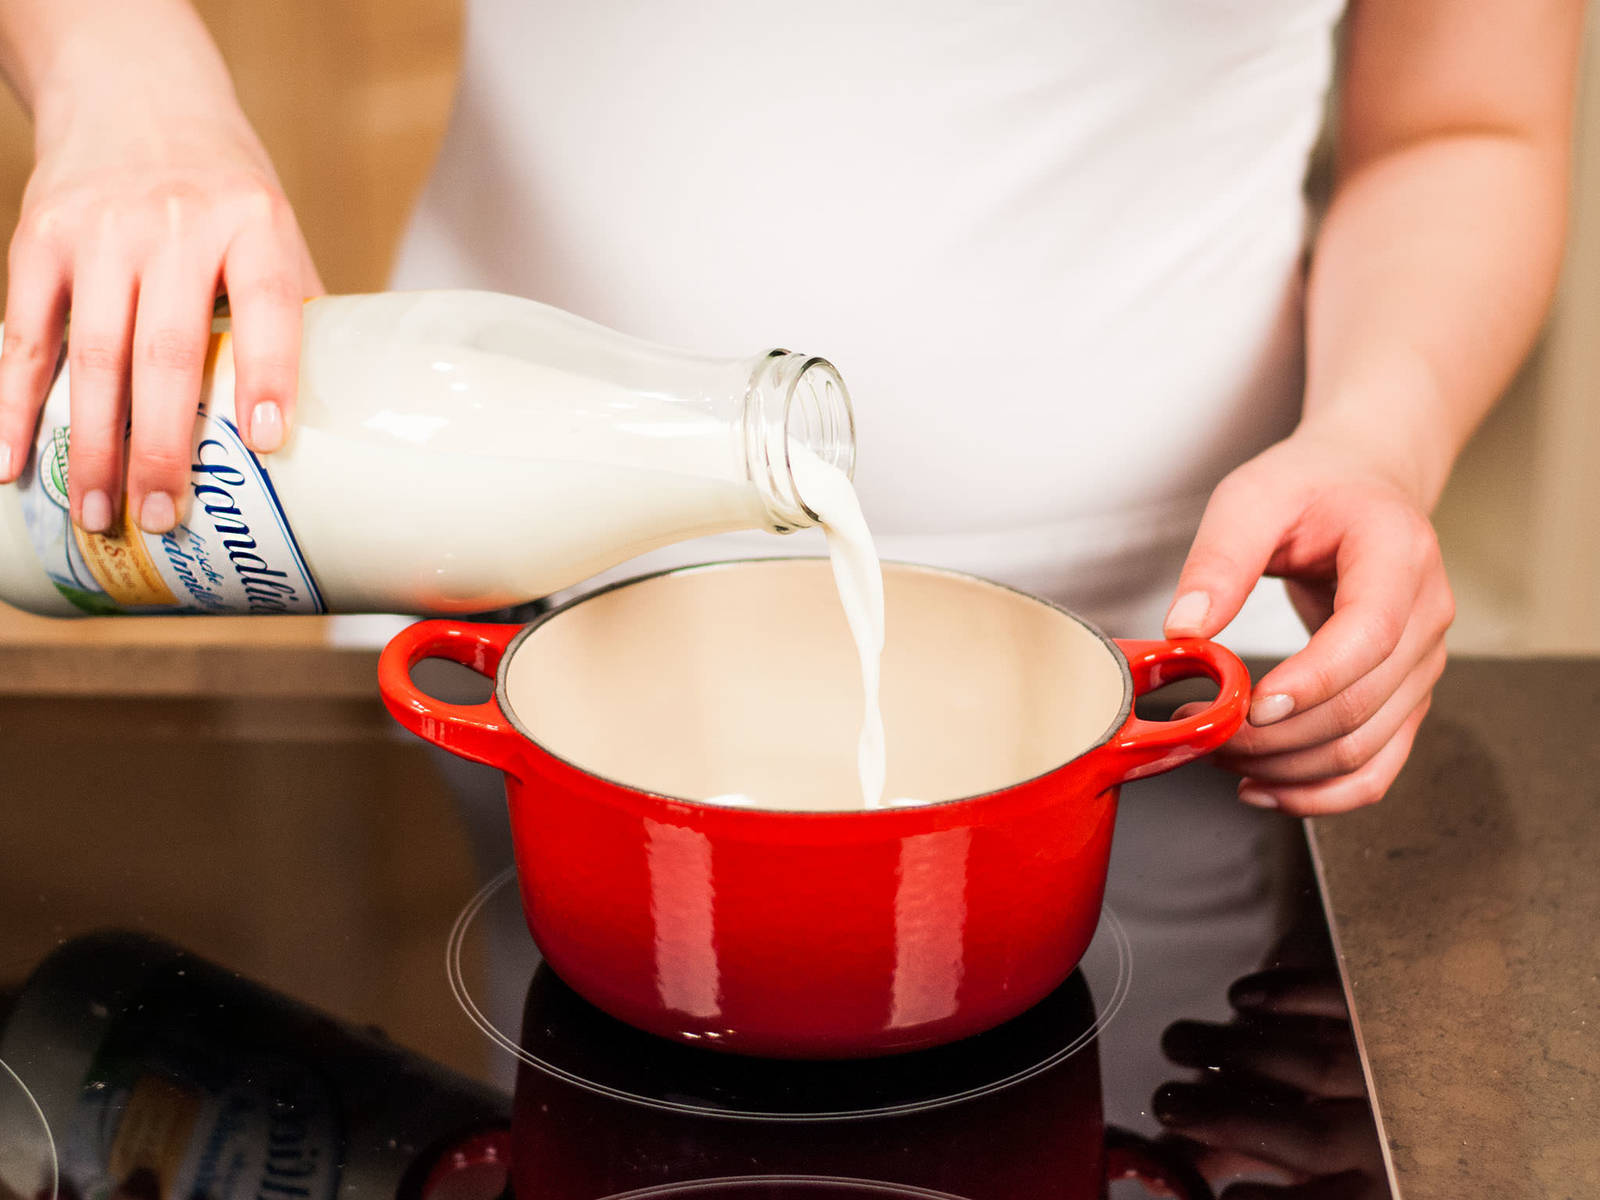 将糖加入牛奶,煮至微沸。加入做好的蛋黄糊,继续加热使其变稠,同时不断搅拌。